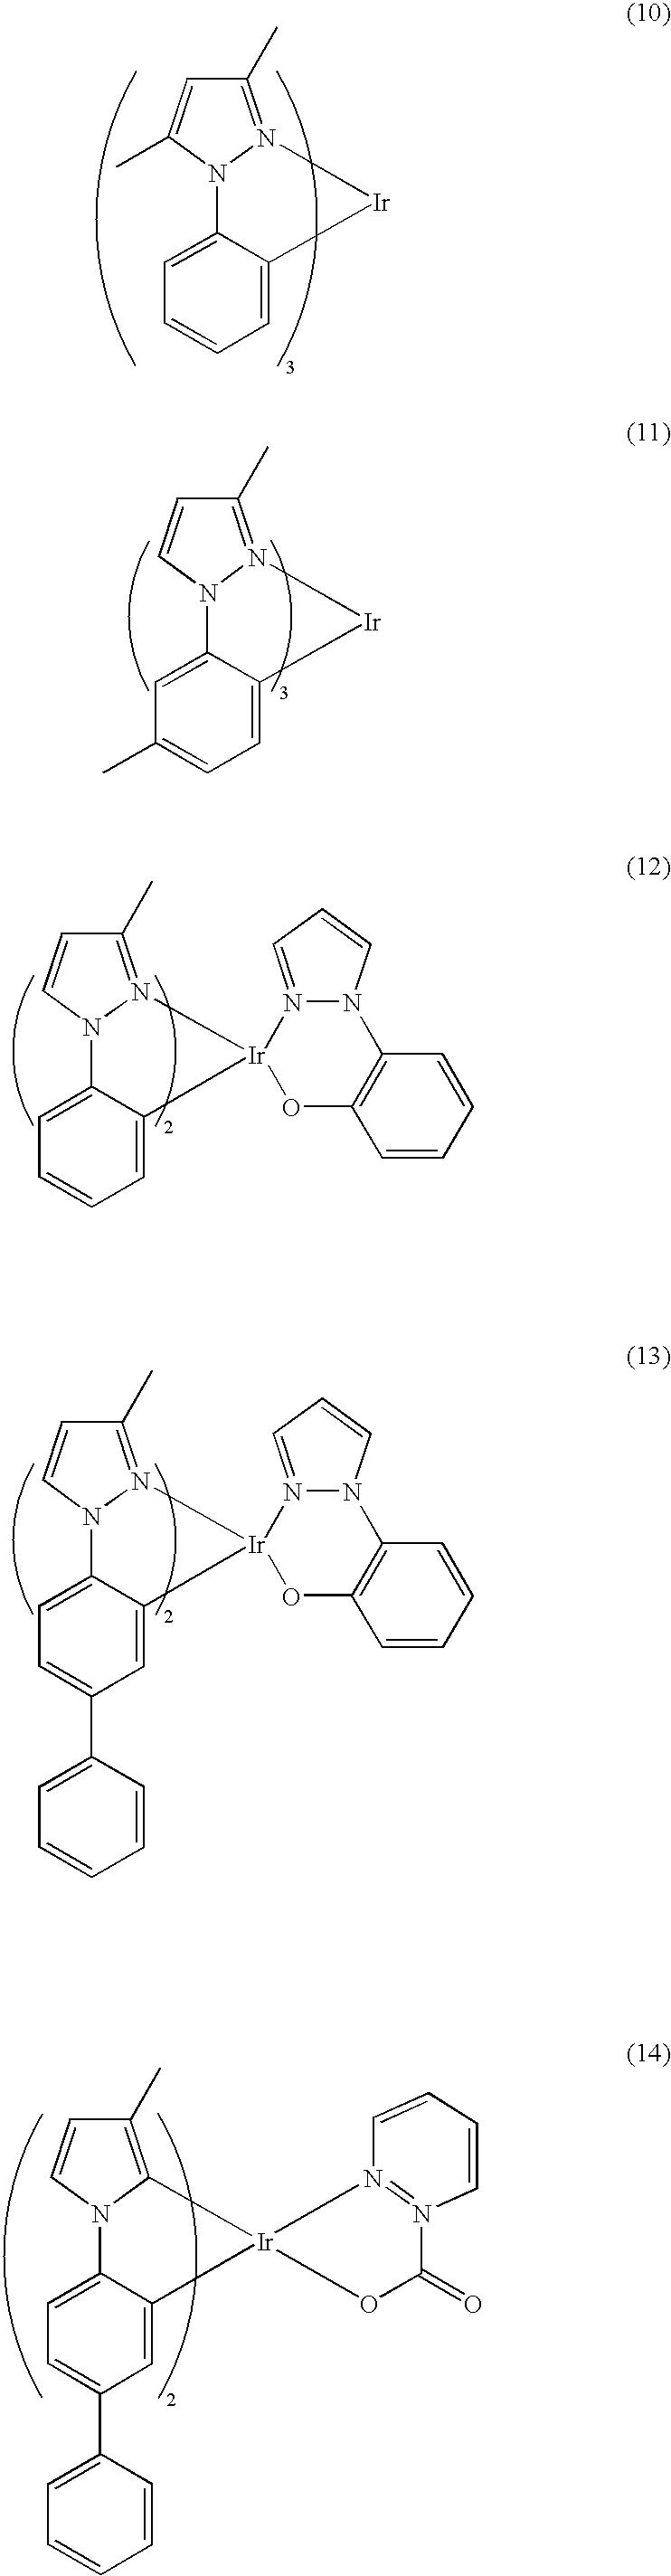 Figure US20050031903A1-20050210-C00013